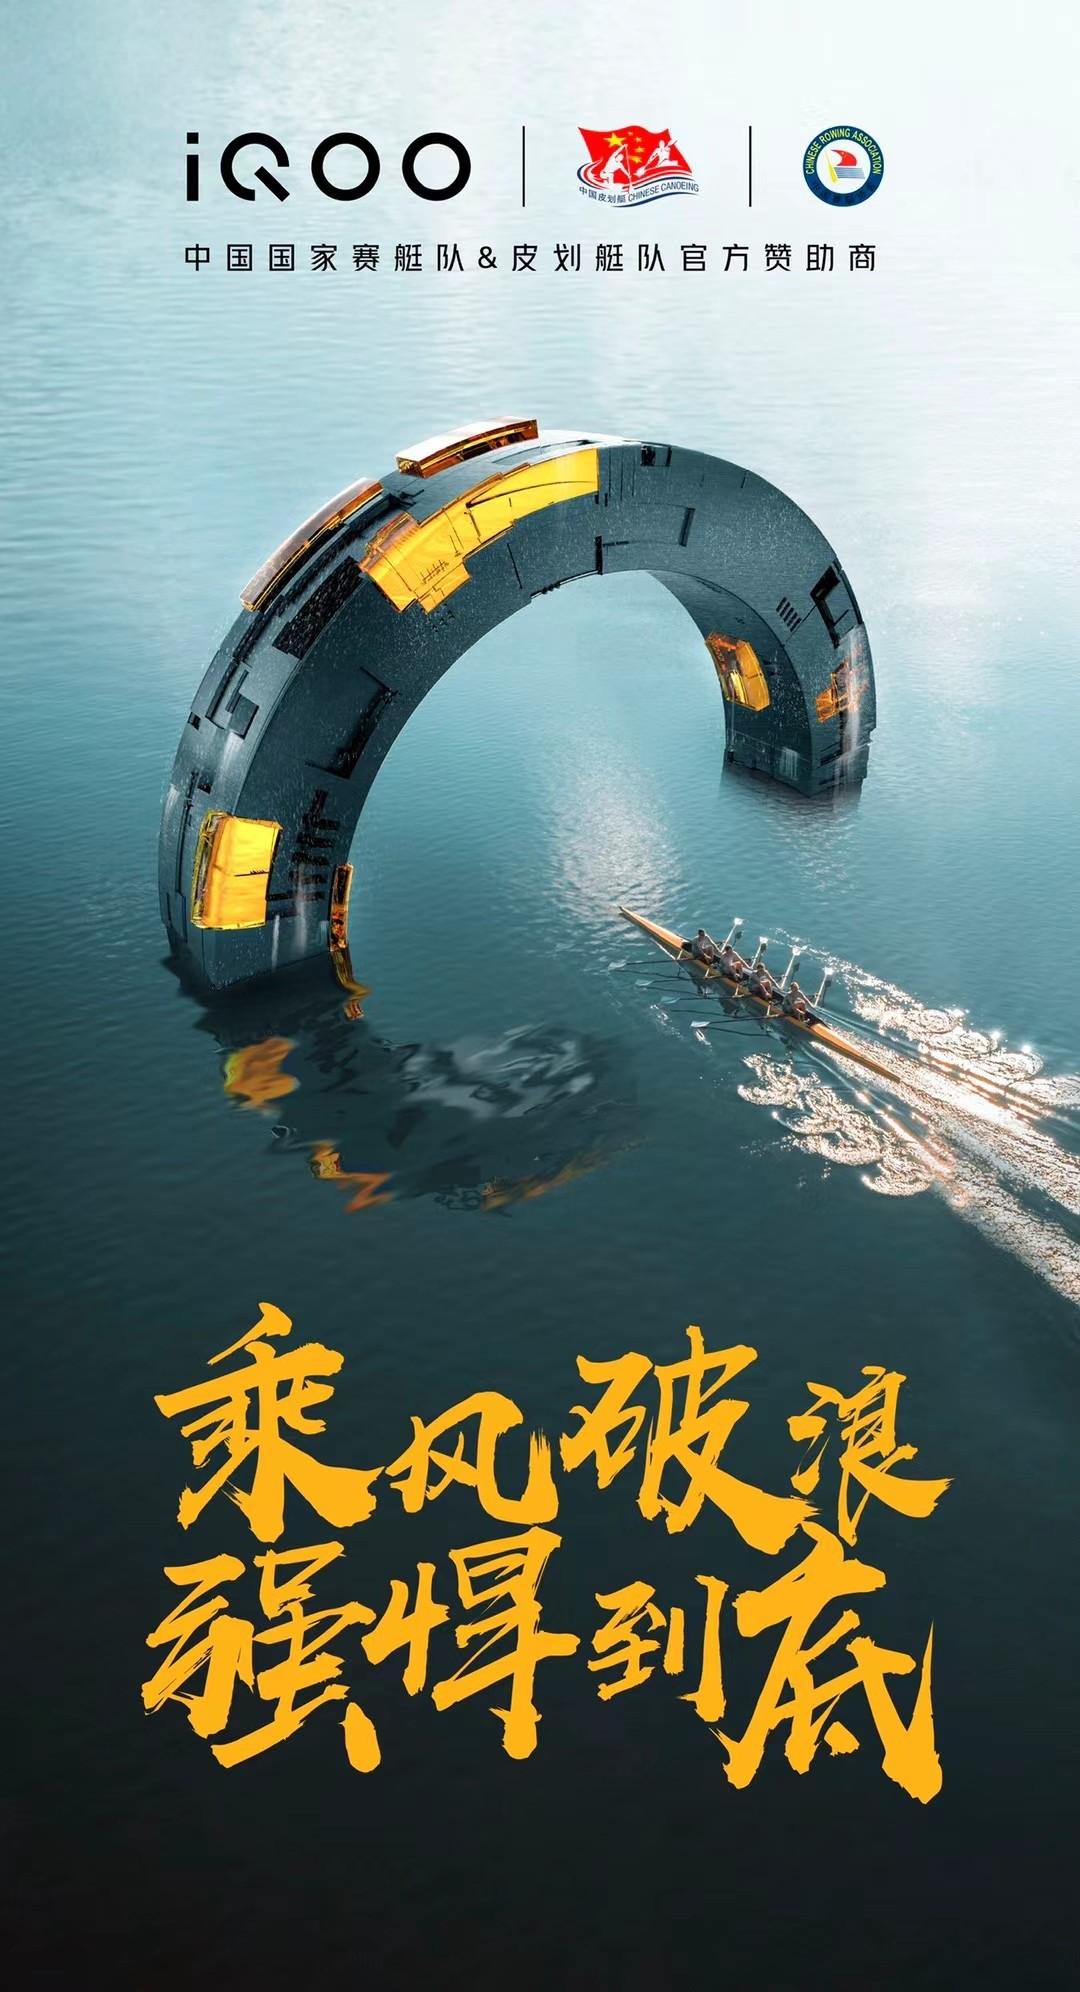 助力双一流高校人才发展,北京航空航天大学iQOO酷客研习社正式成立